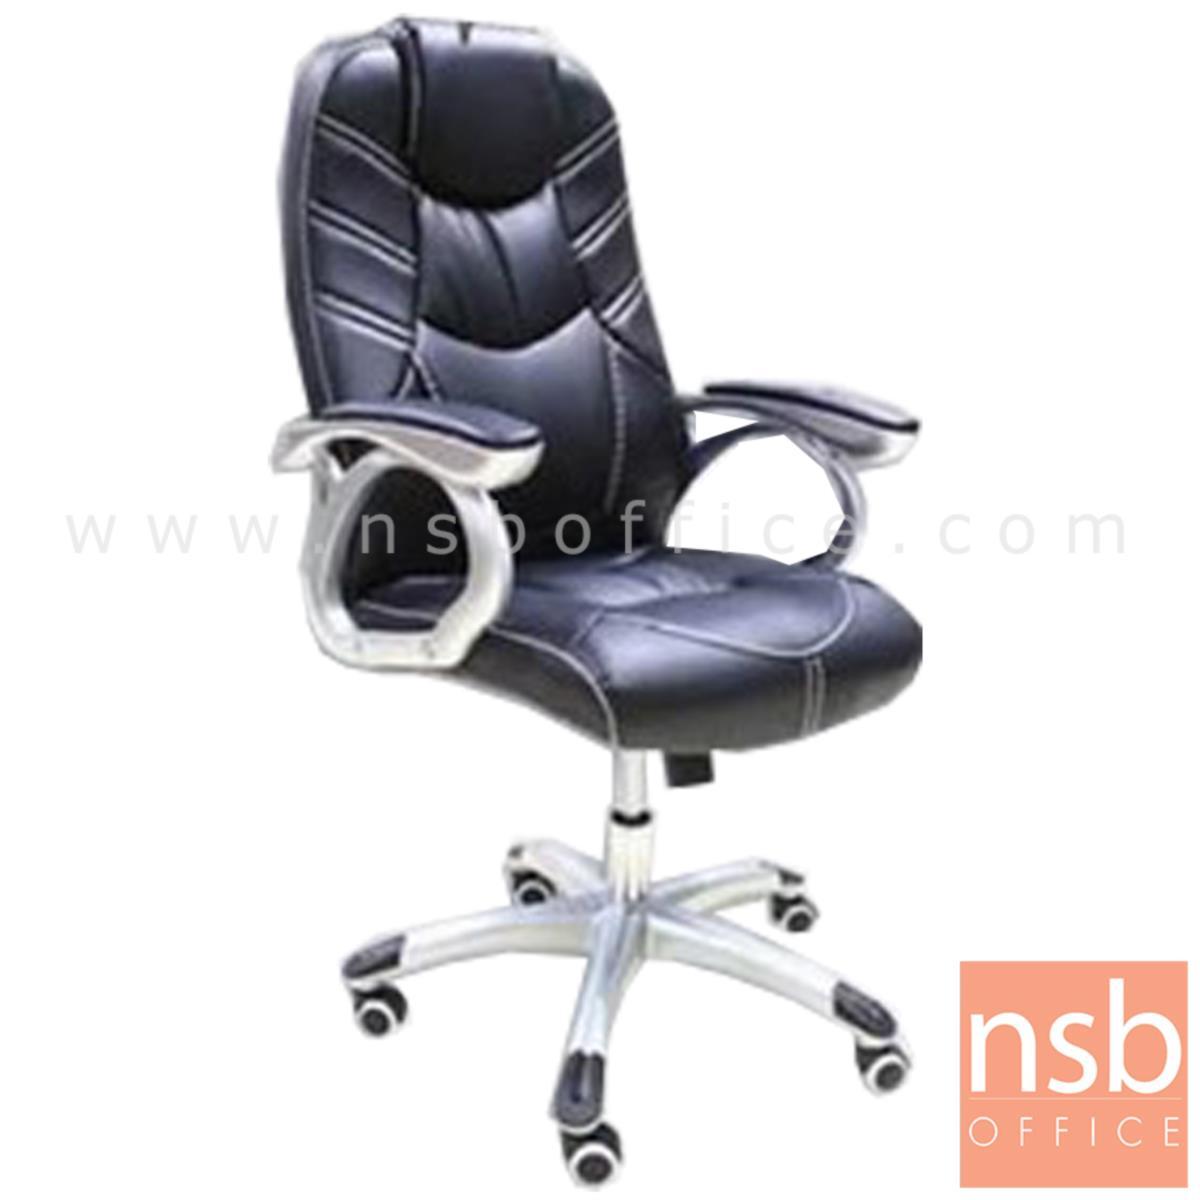 B01A499:เก้าอี้ผู้บริหาร รุ่น LILY (ลิลี่)  มีก้อนโยก ขาเหล็ก